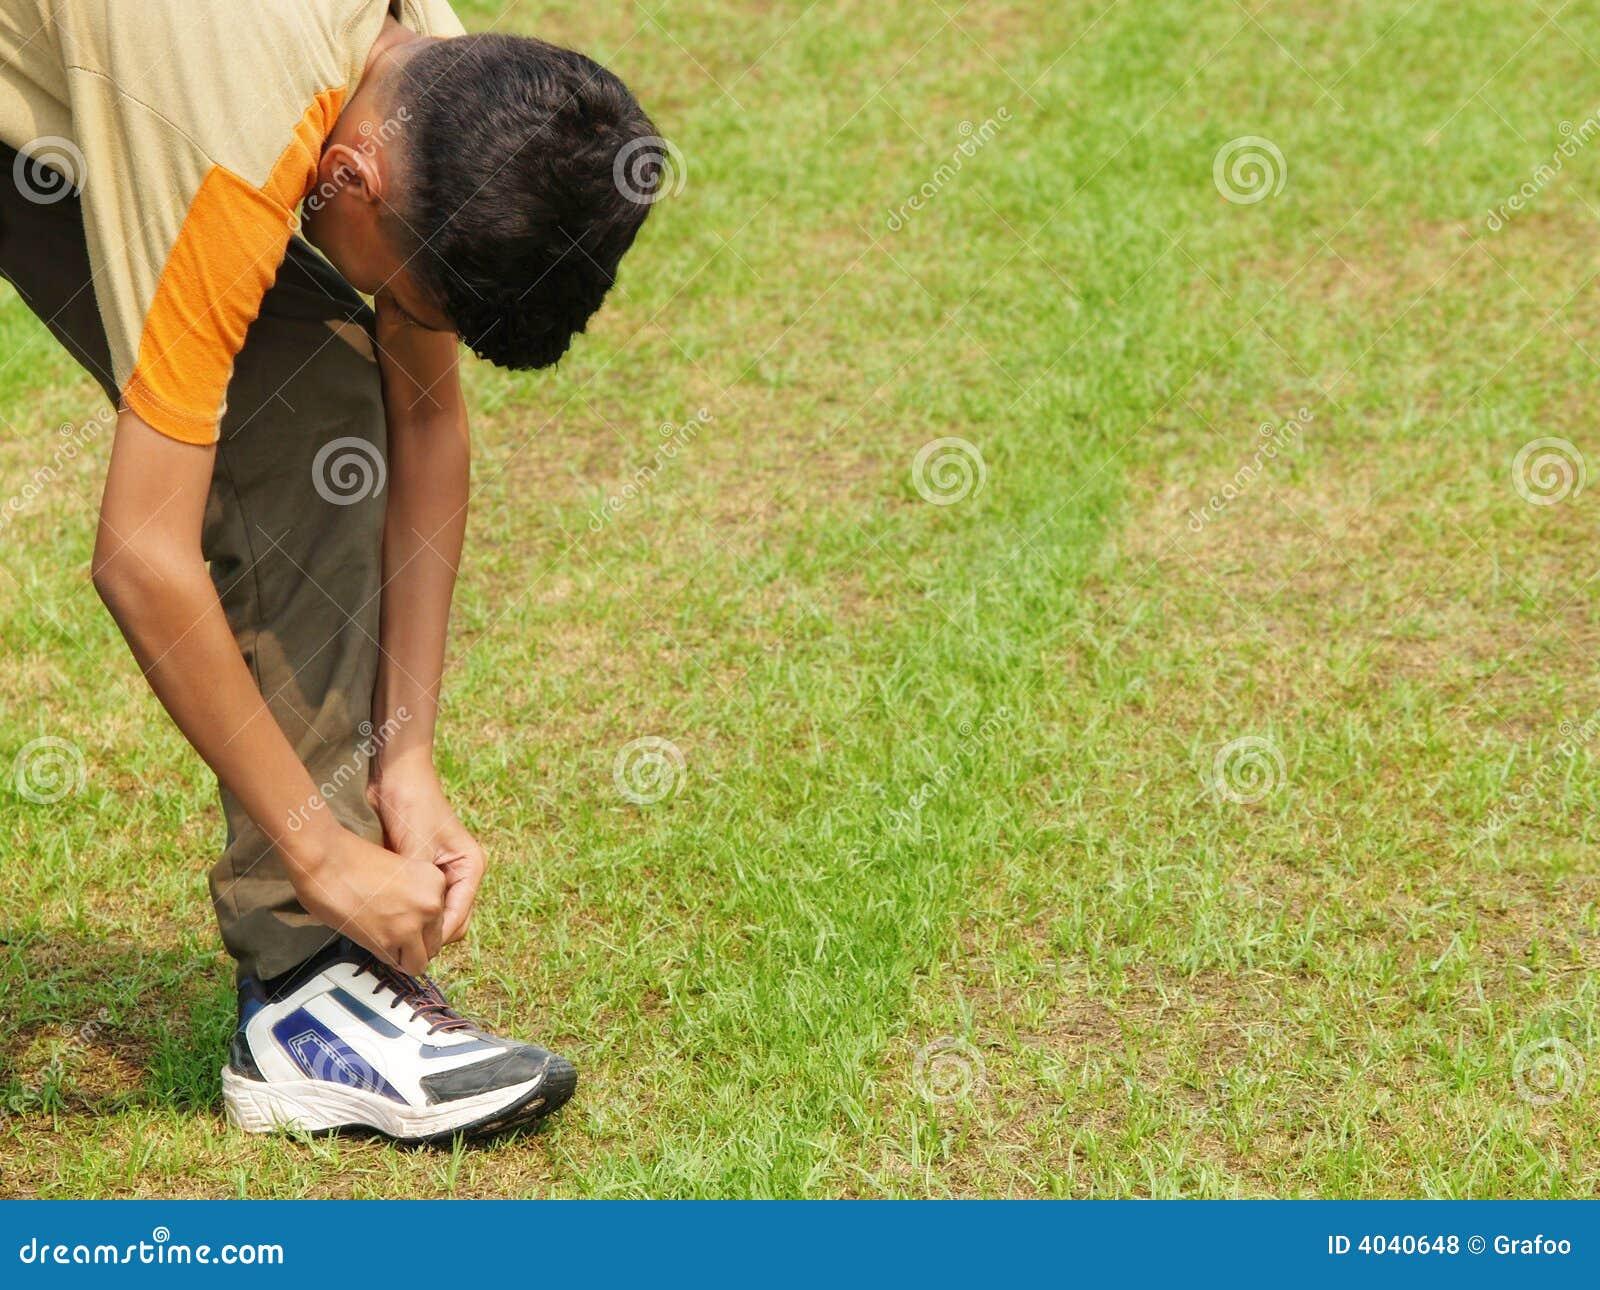 Jugendlich, seinen Schuh binden